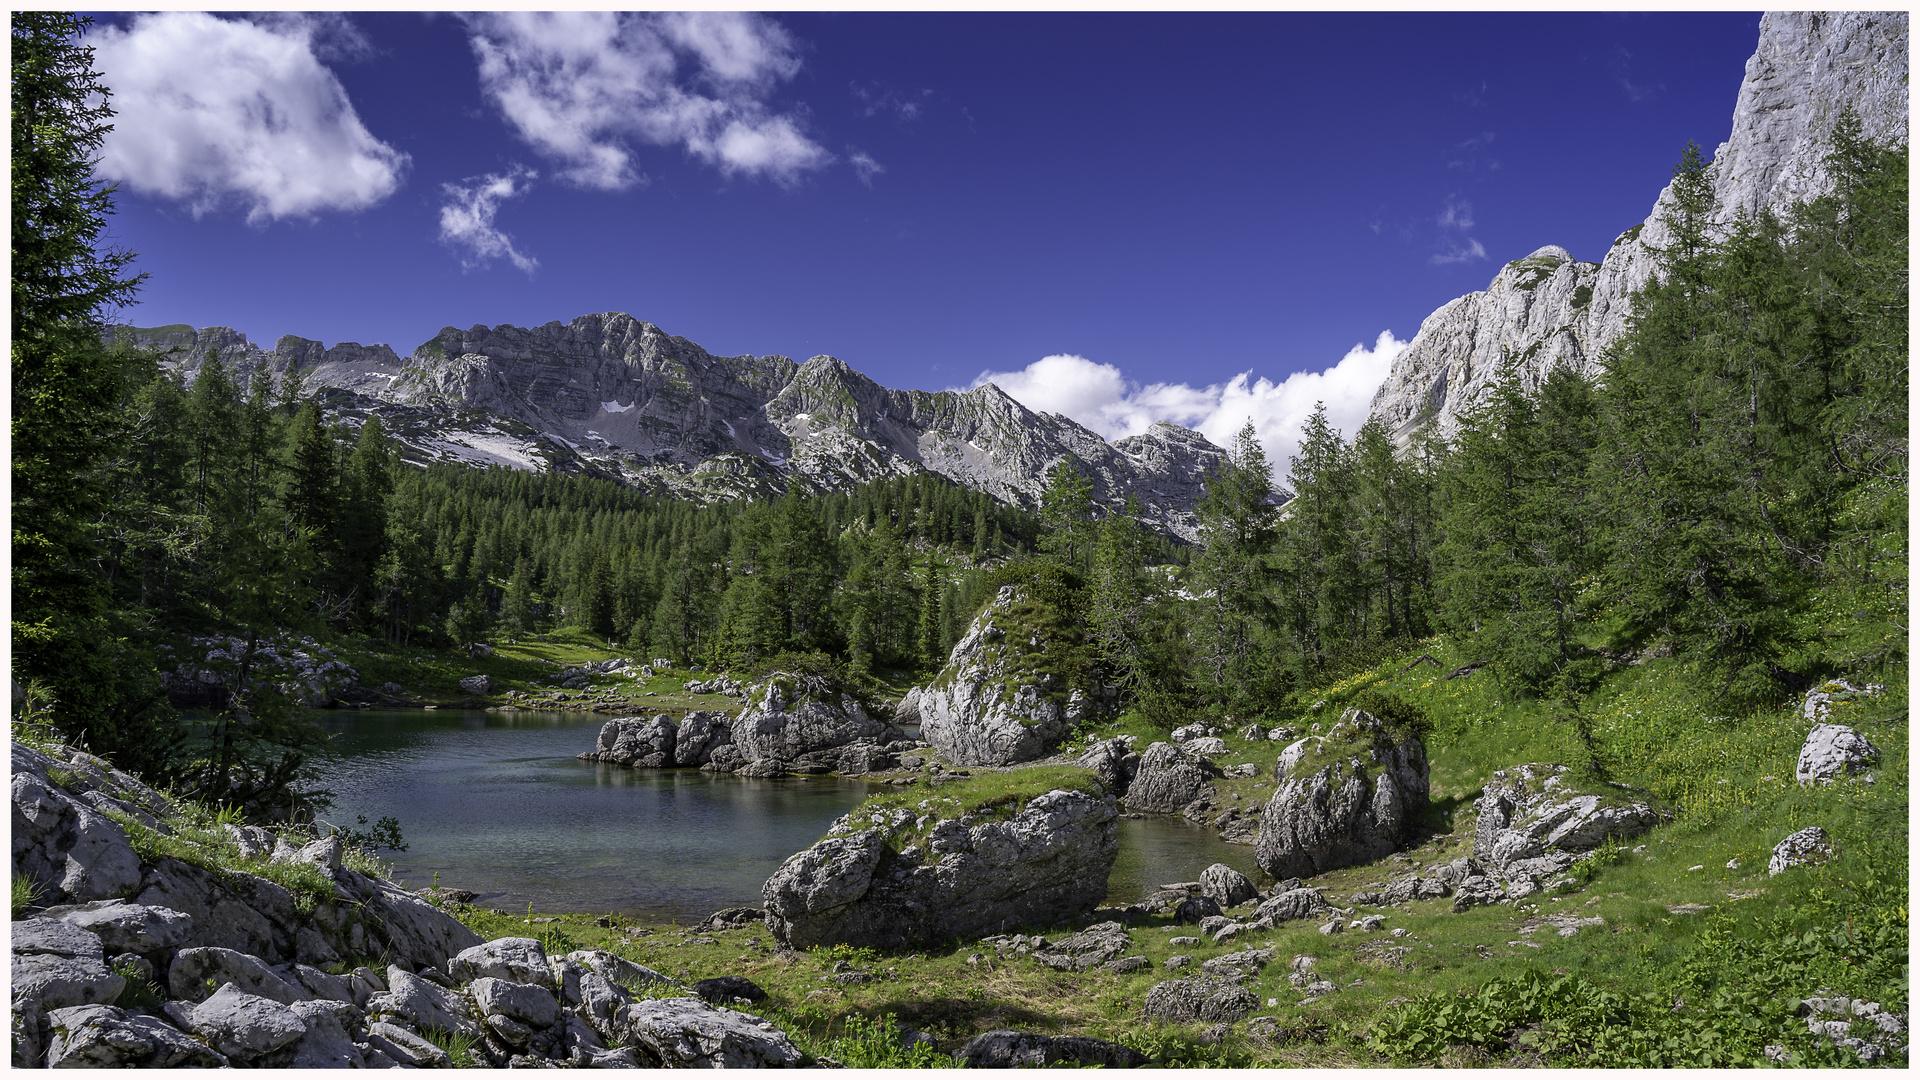 Siebenseen Slowenien Foto & Bild   europe, alps alpen alpes, international regions Bilder auf ...